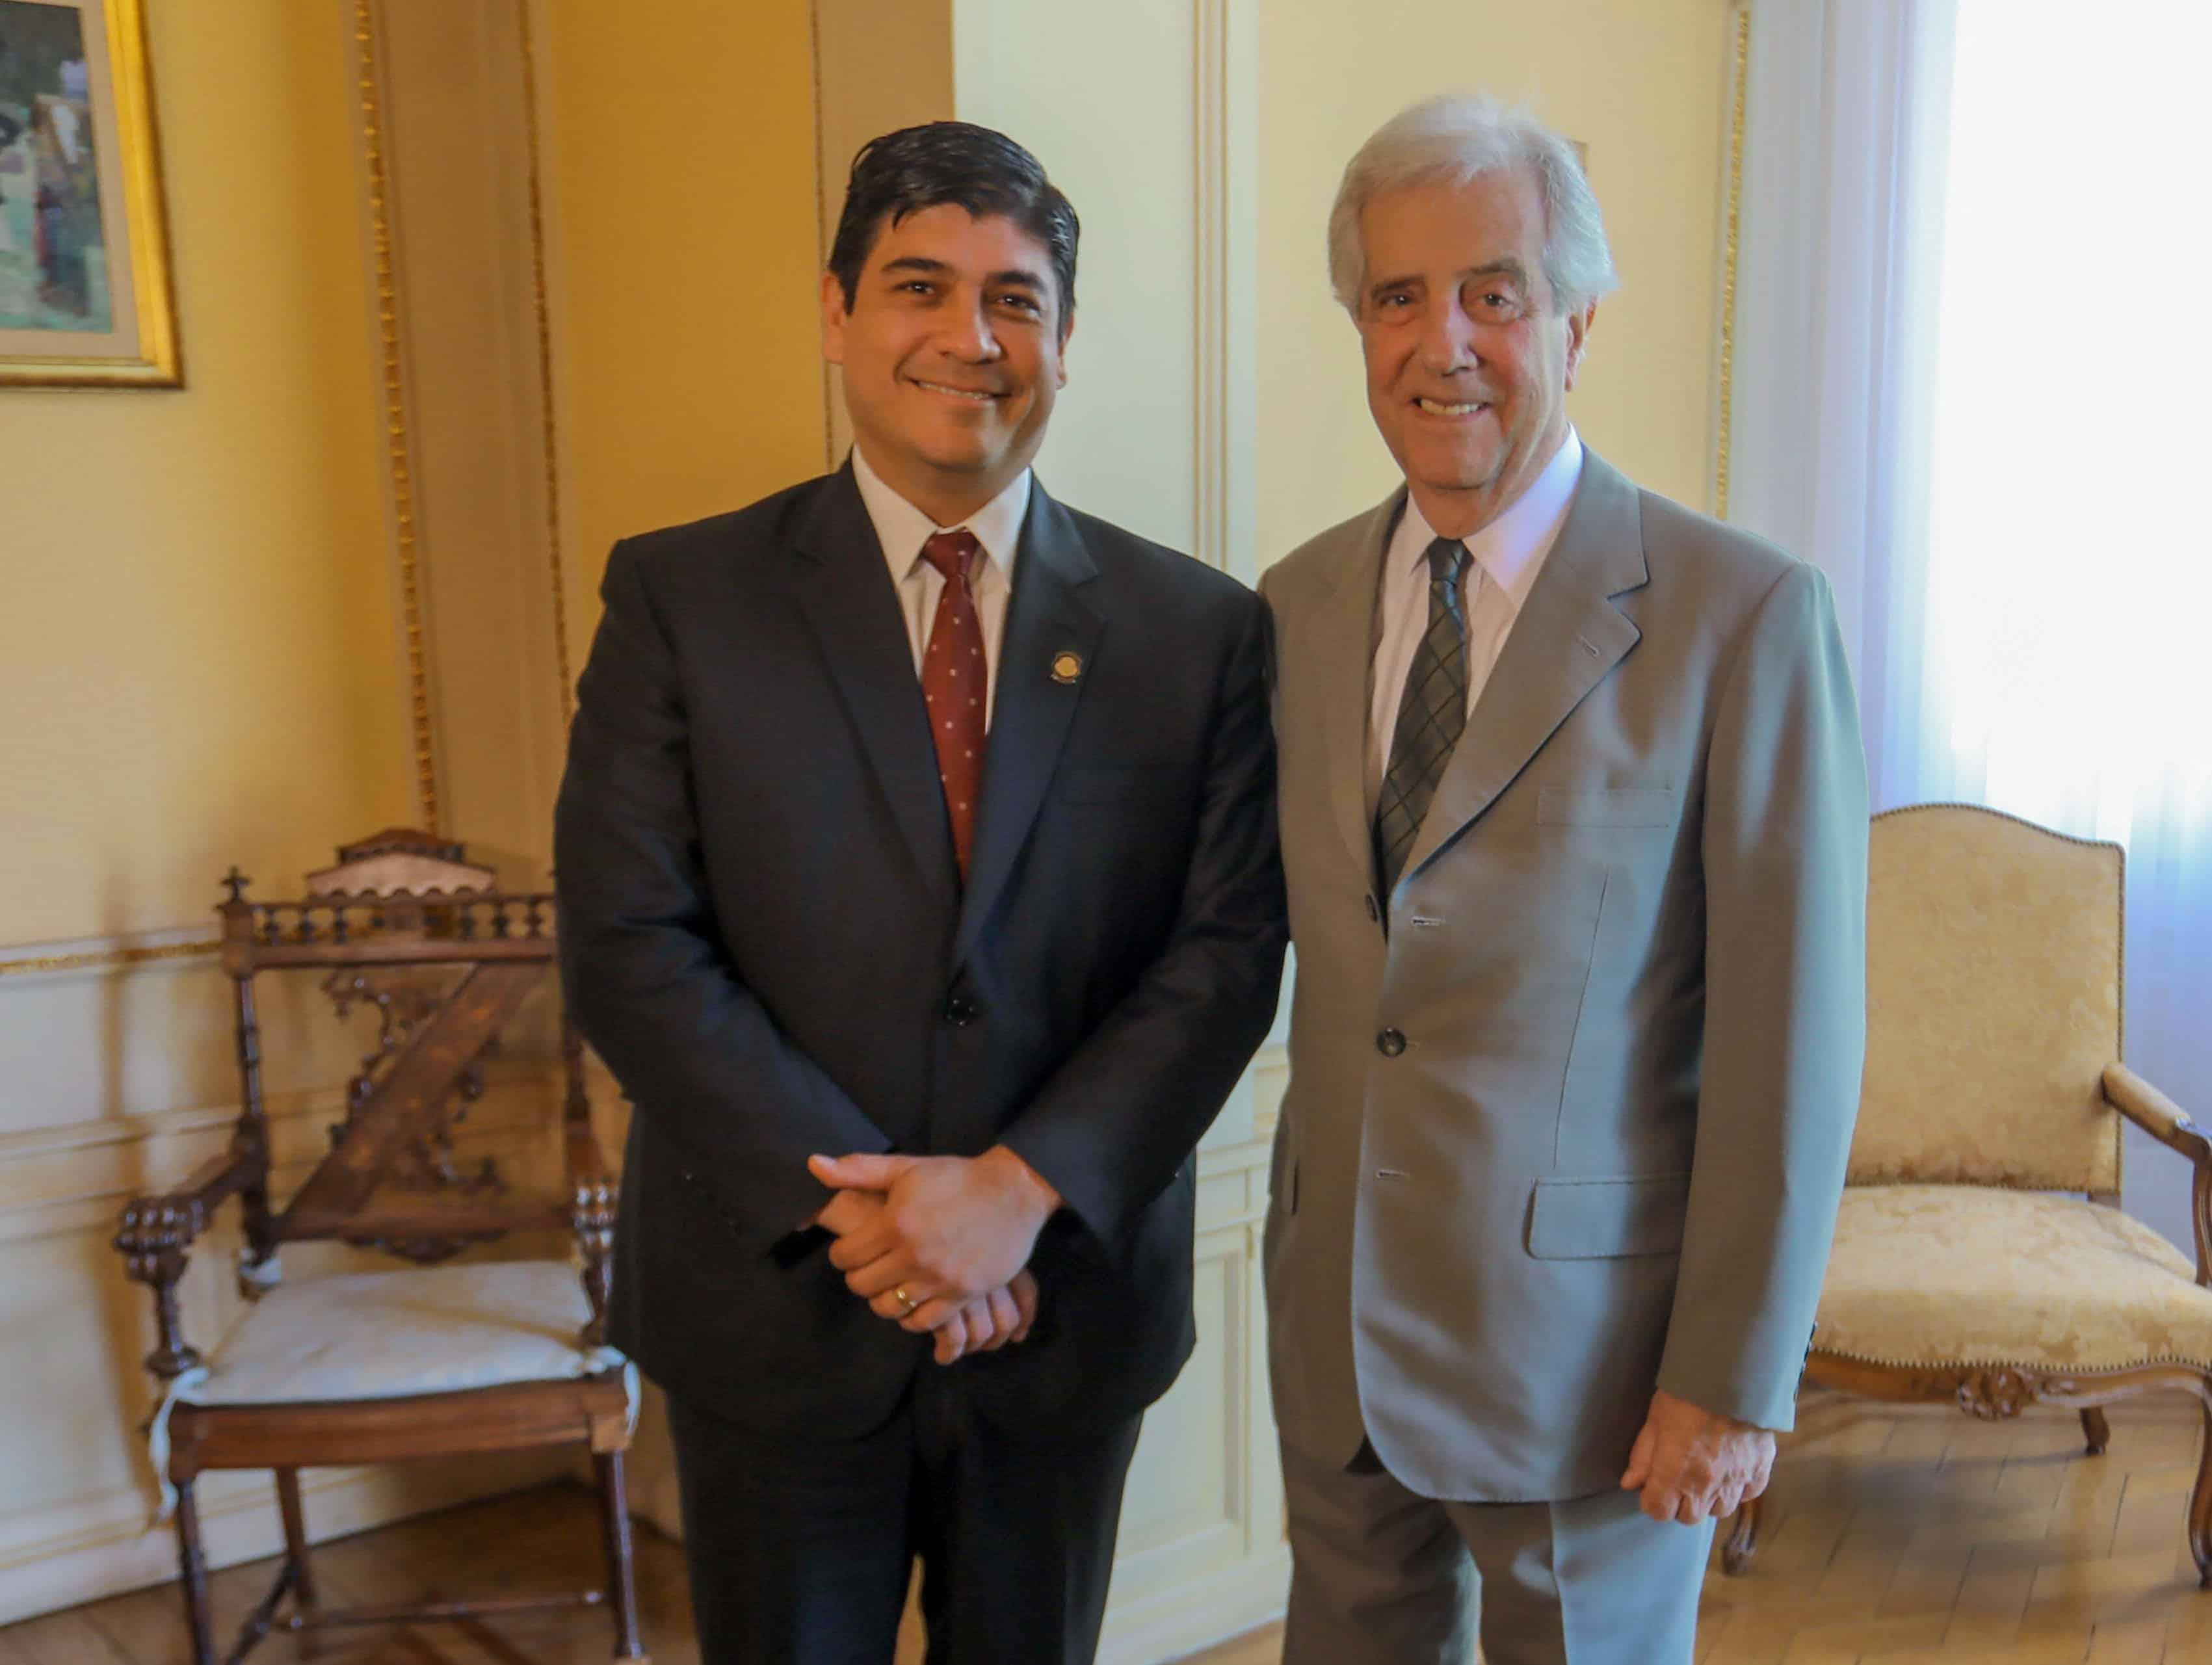 Carlos Alvarado and Tabaré Vázquez